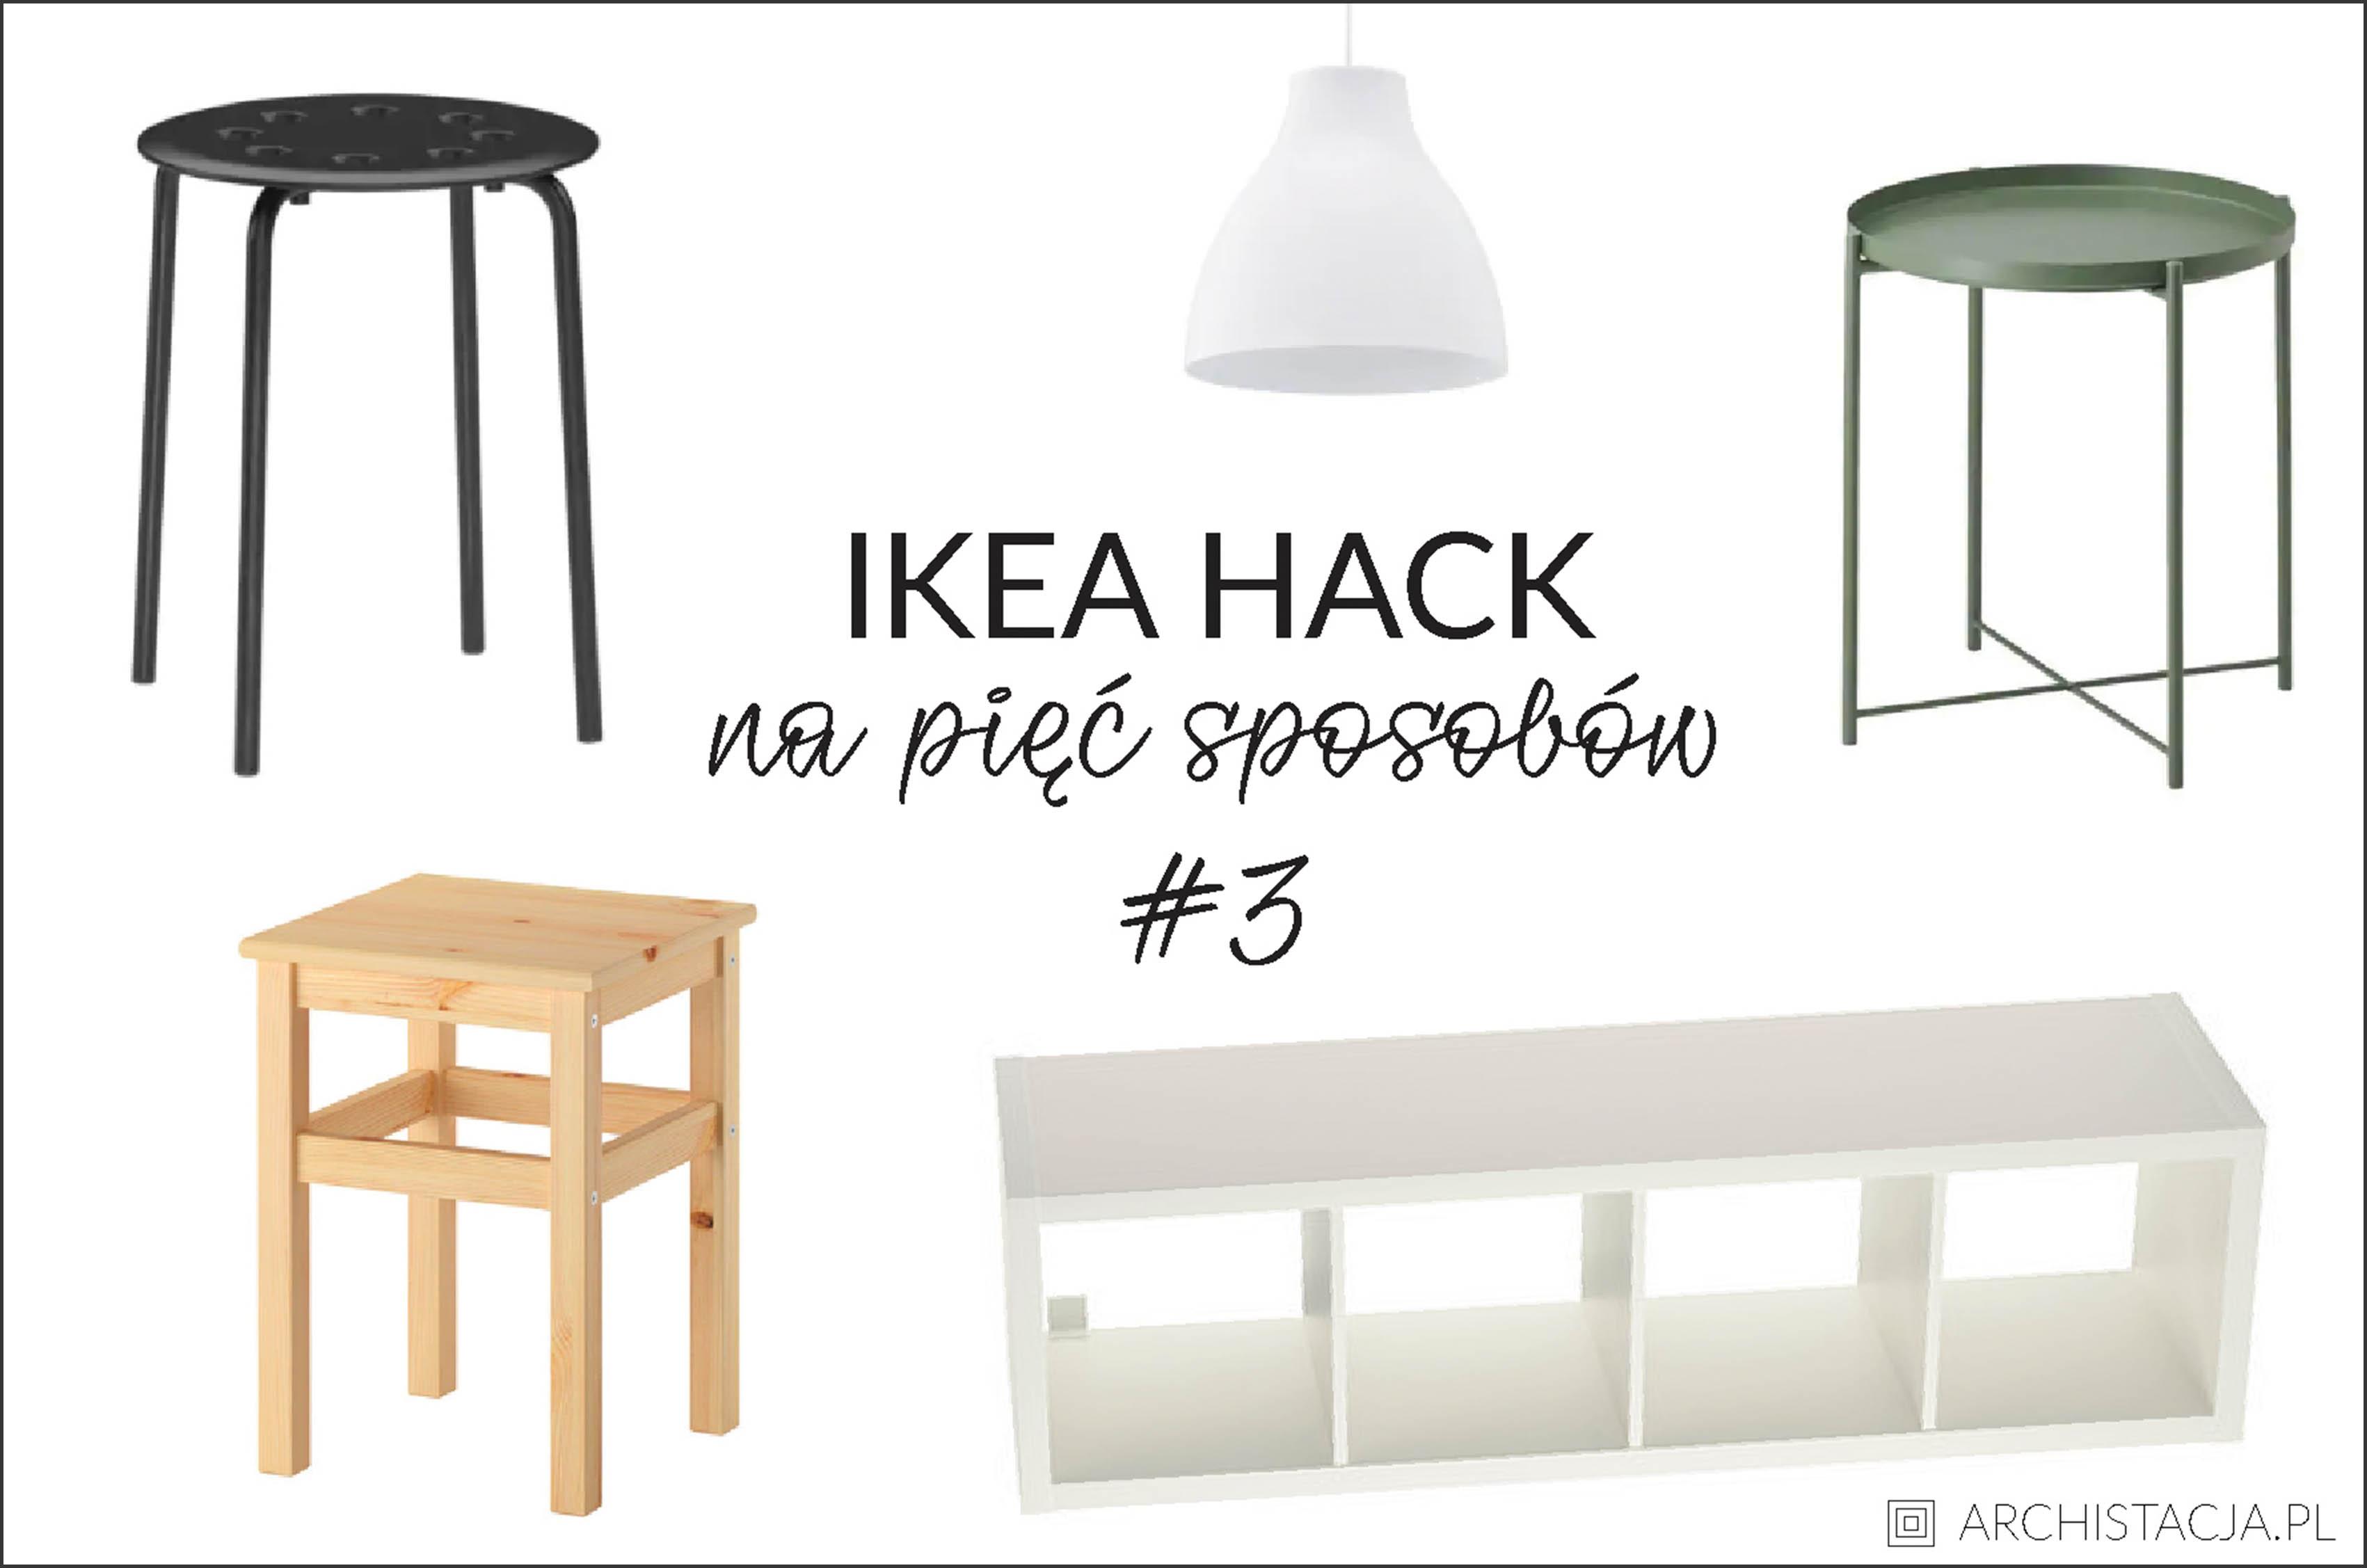 IKEA HACK na pięć sposobów #3